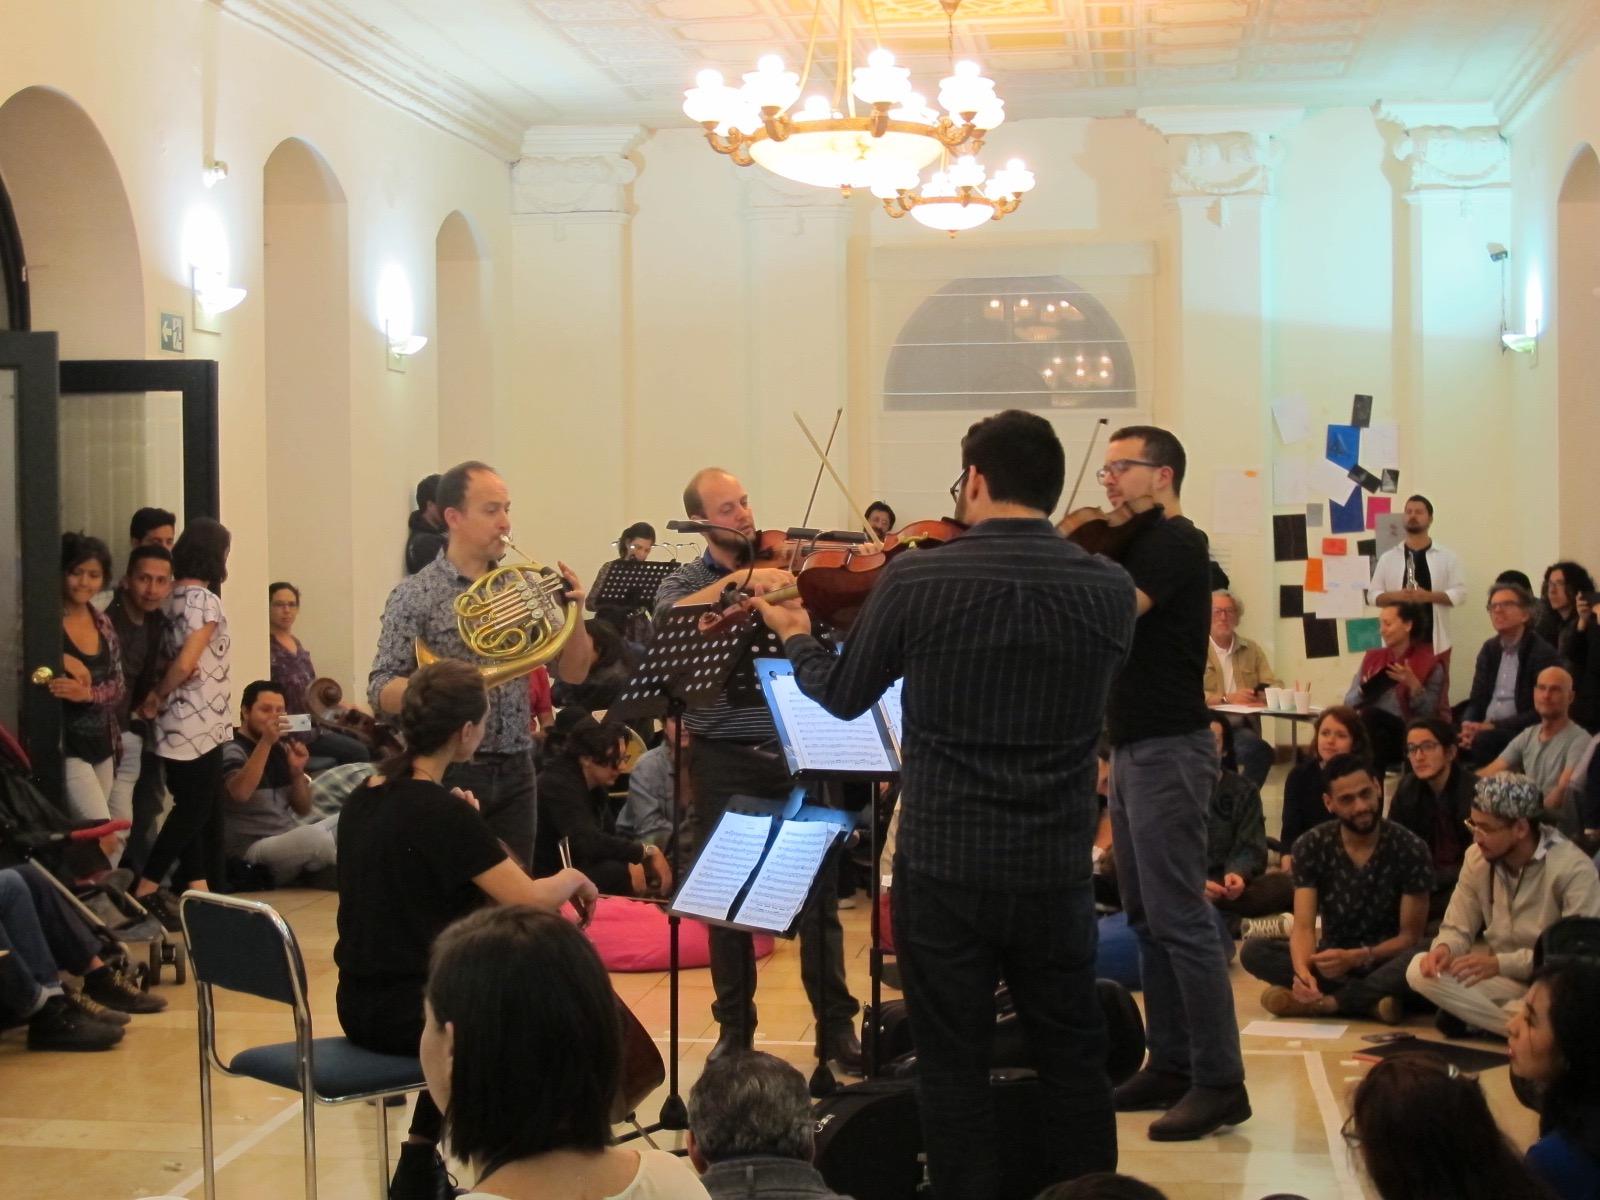 Concierto interactivo en el Centro Cultural Metropolitano. Centro histórico de Quito. Junio 2018.